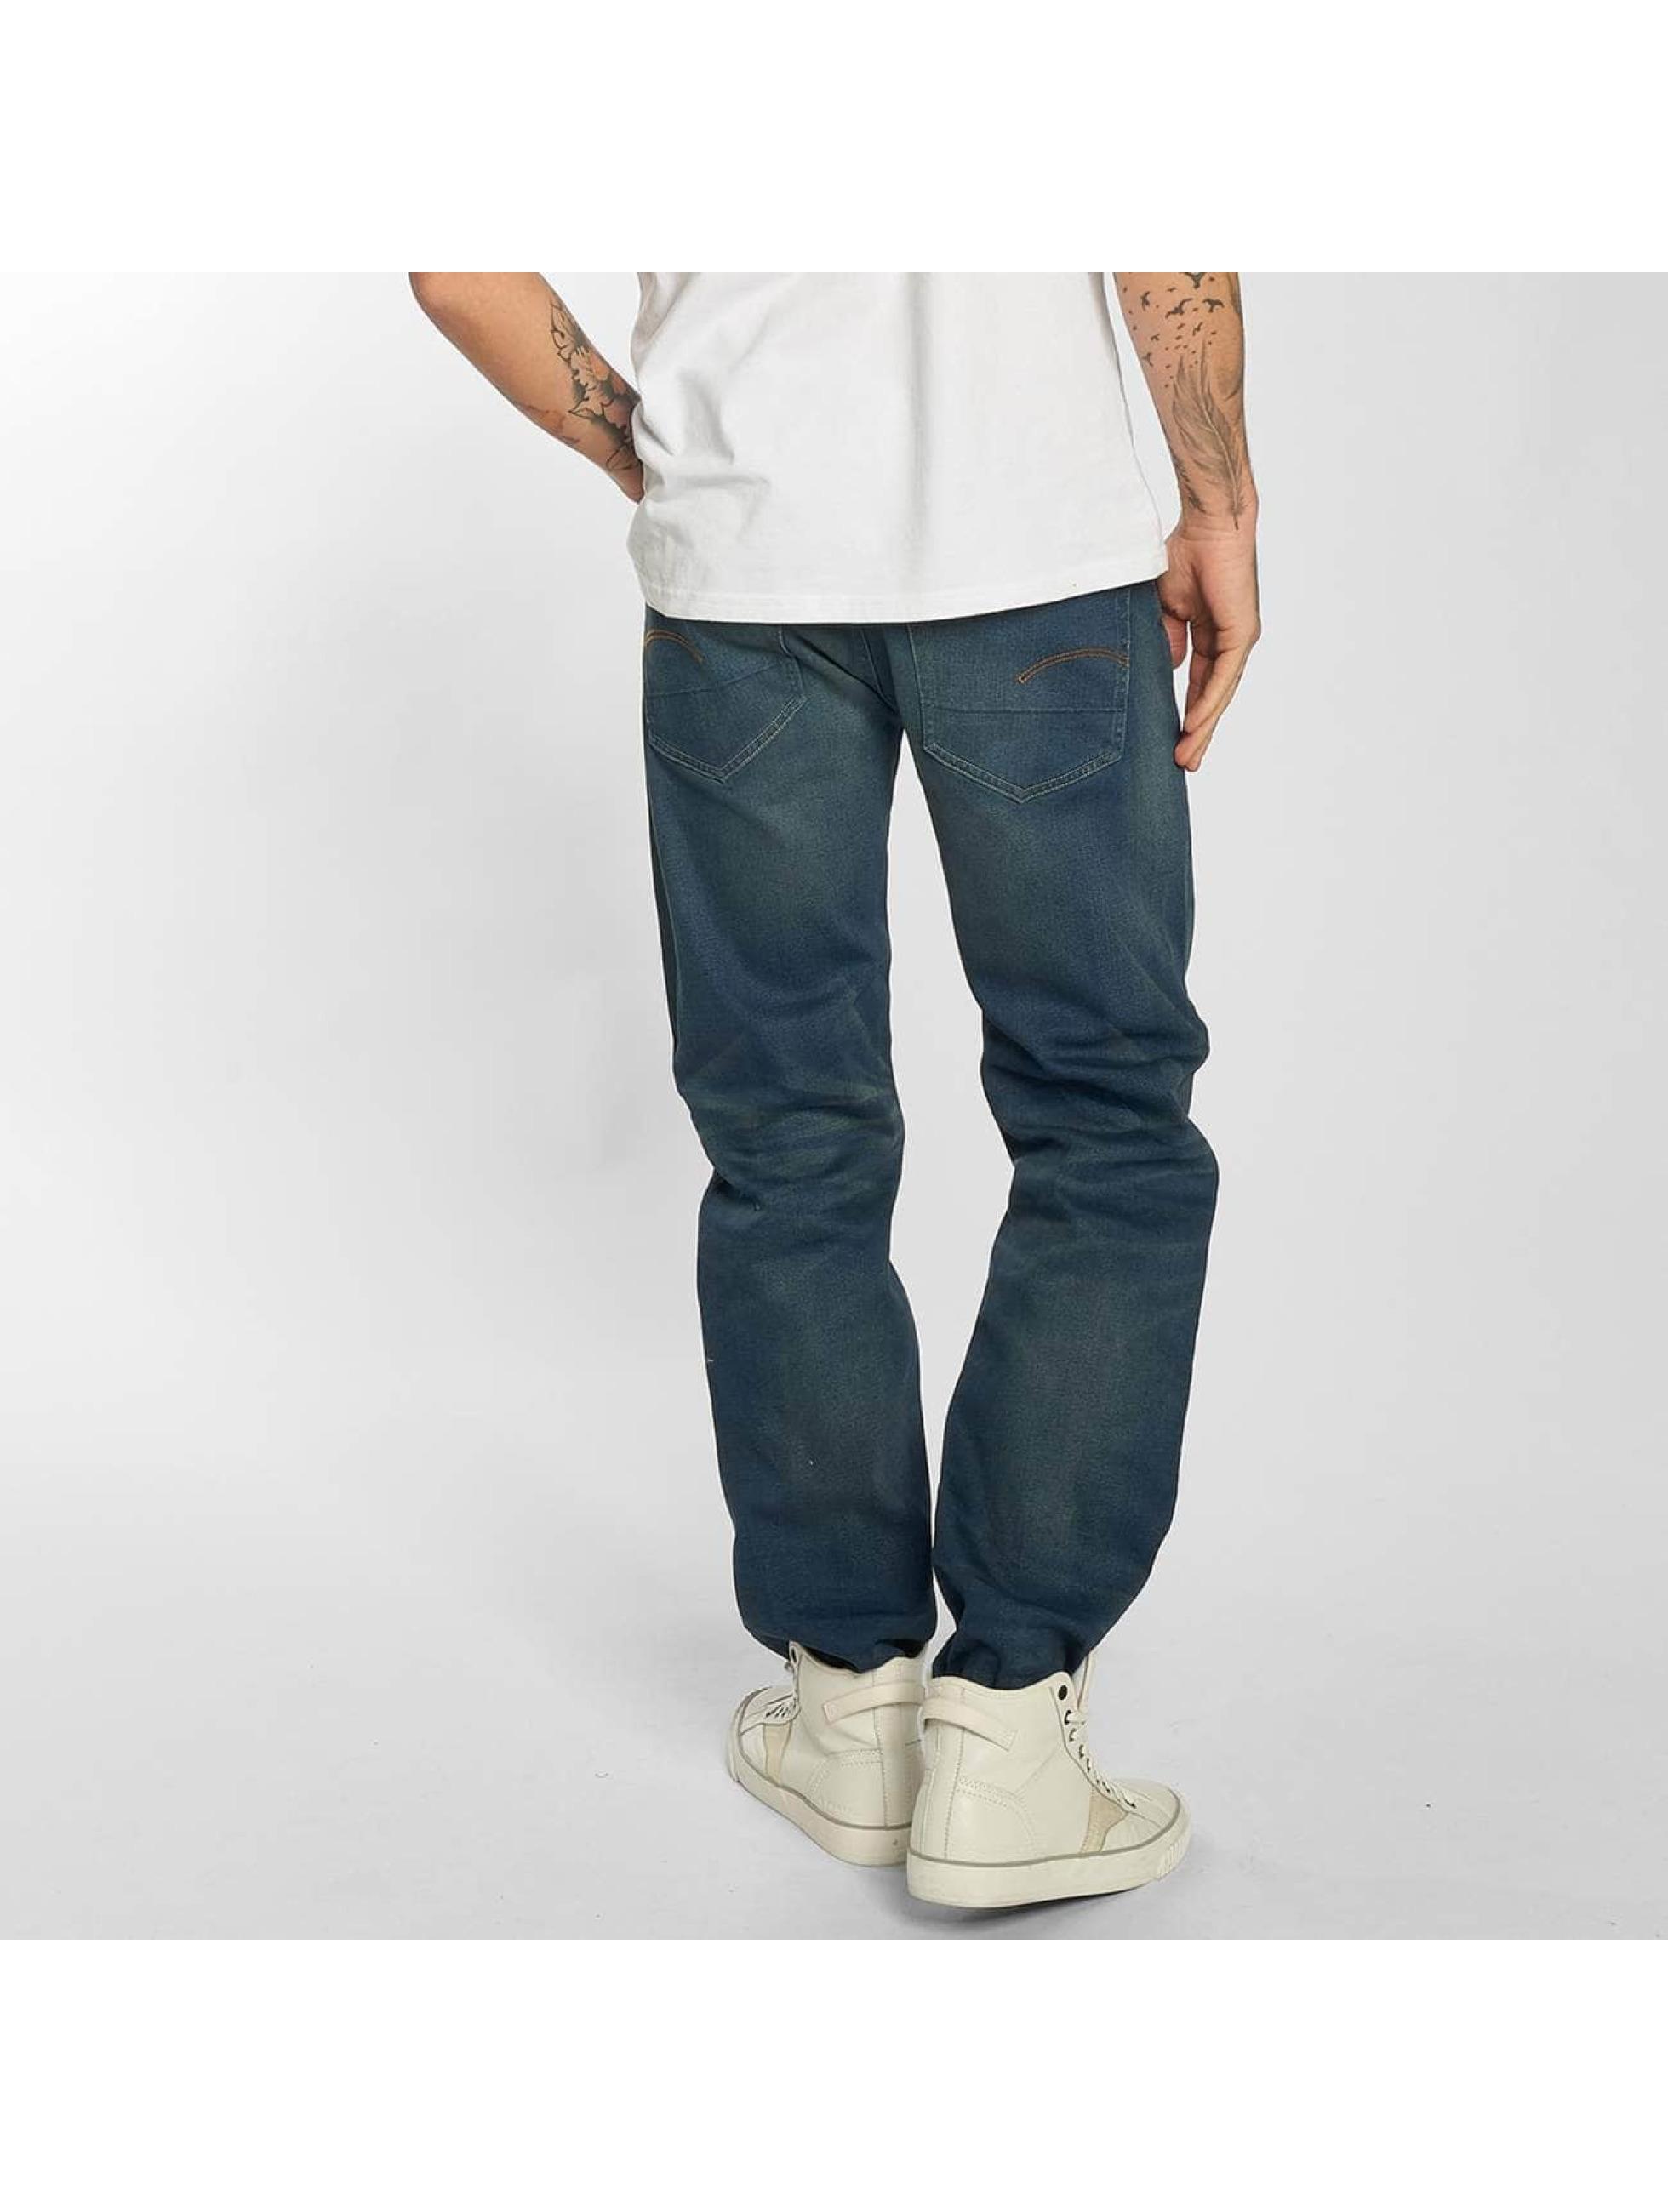 G-Star Loose Fit Jeans 3301 Loose blau